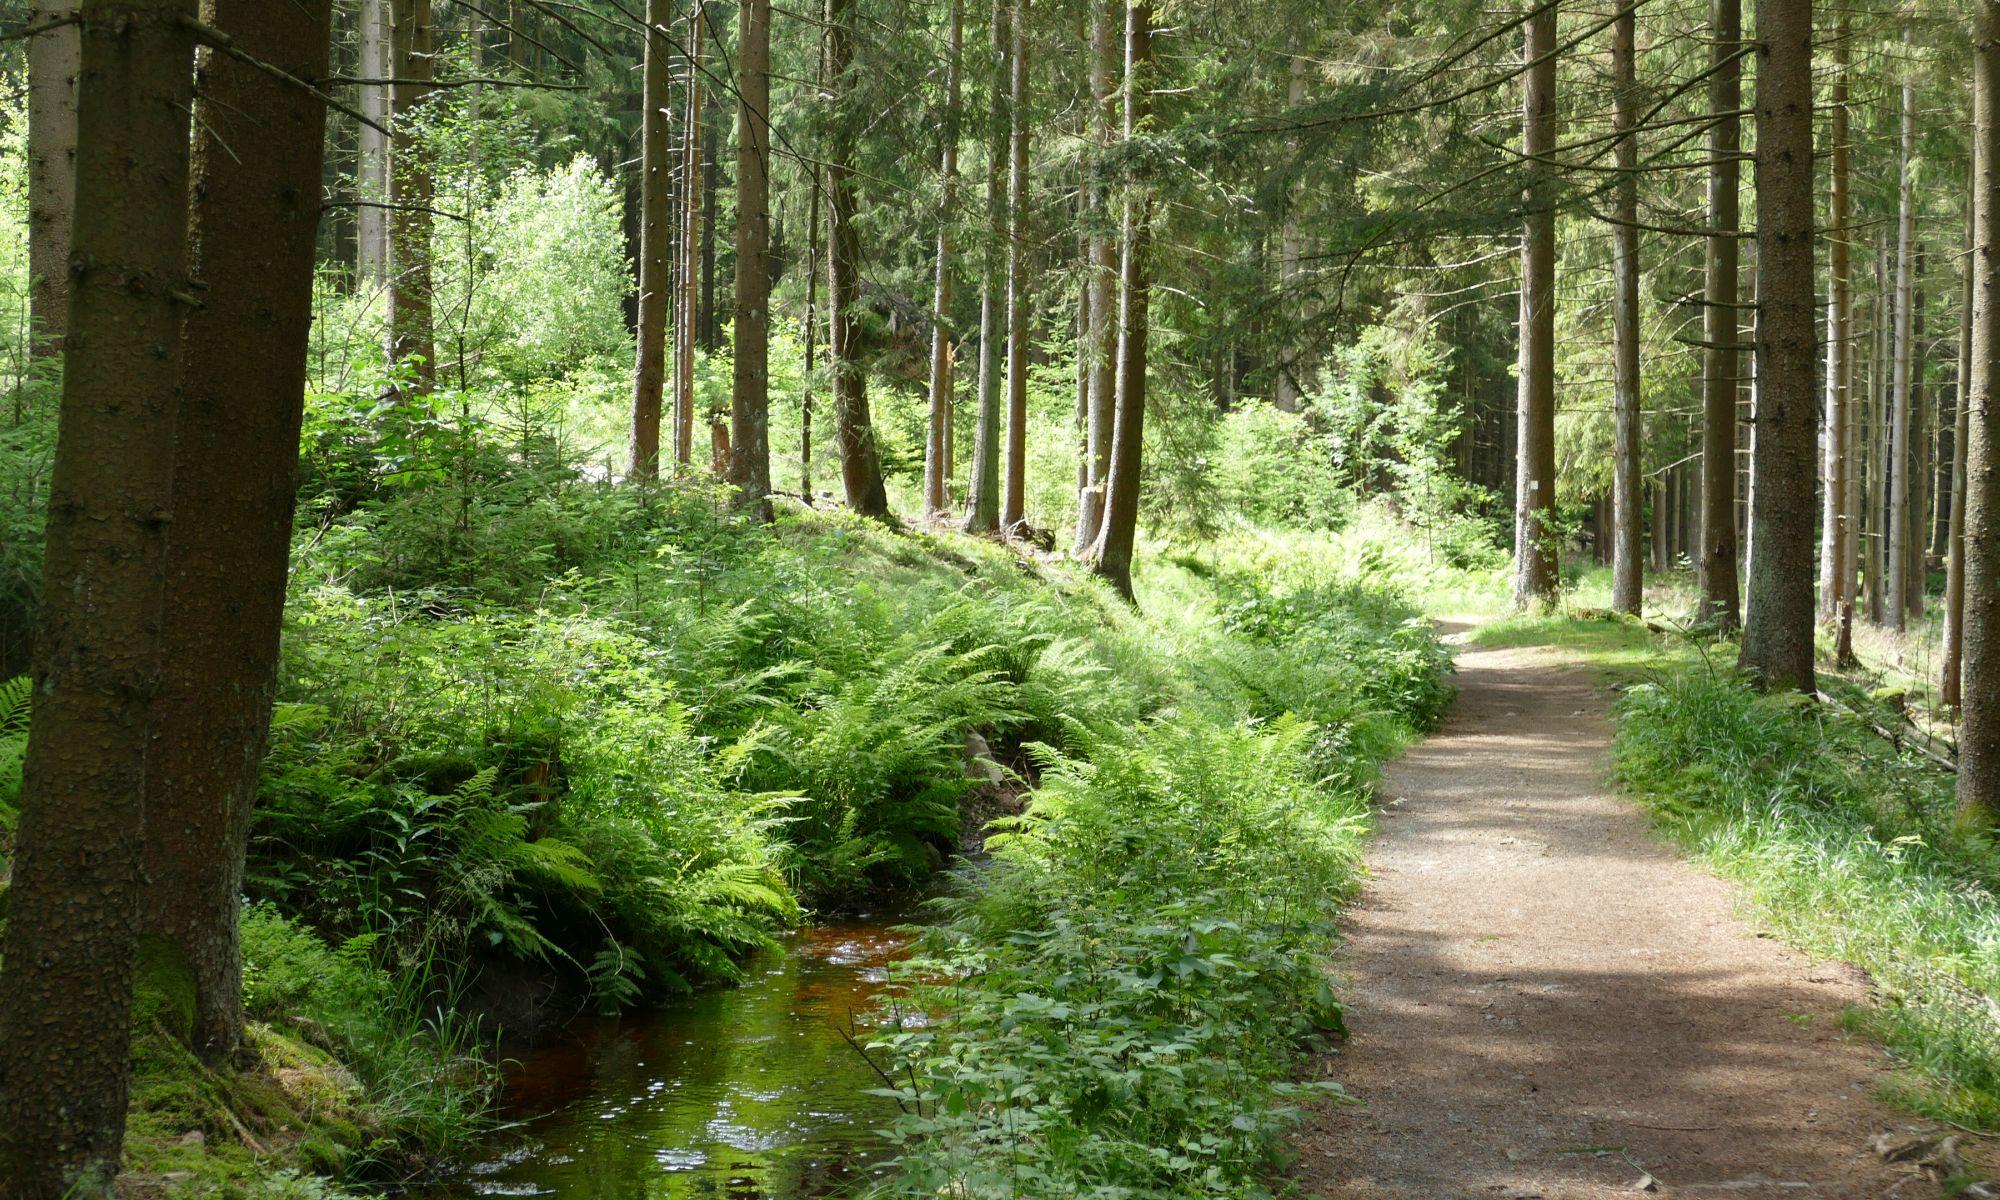 Dammgrabenweg